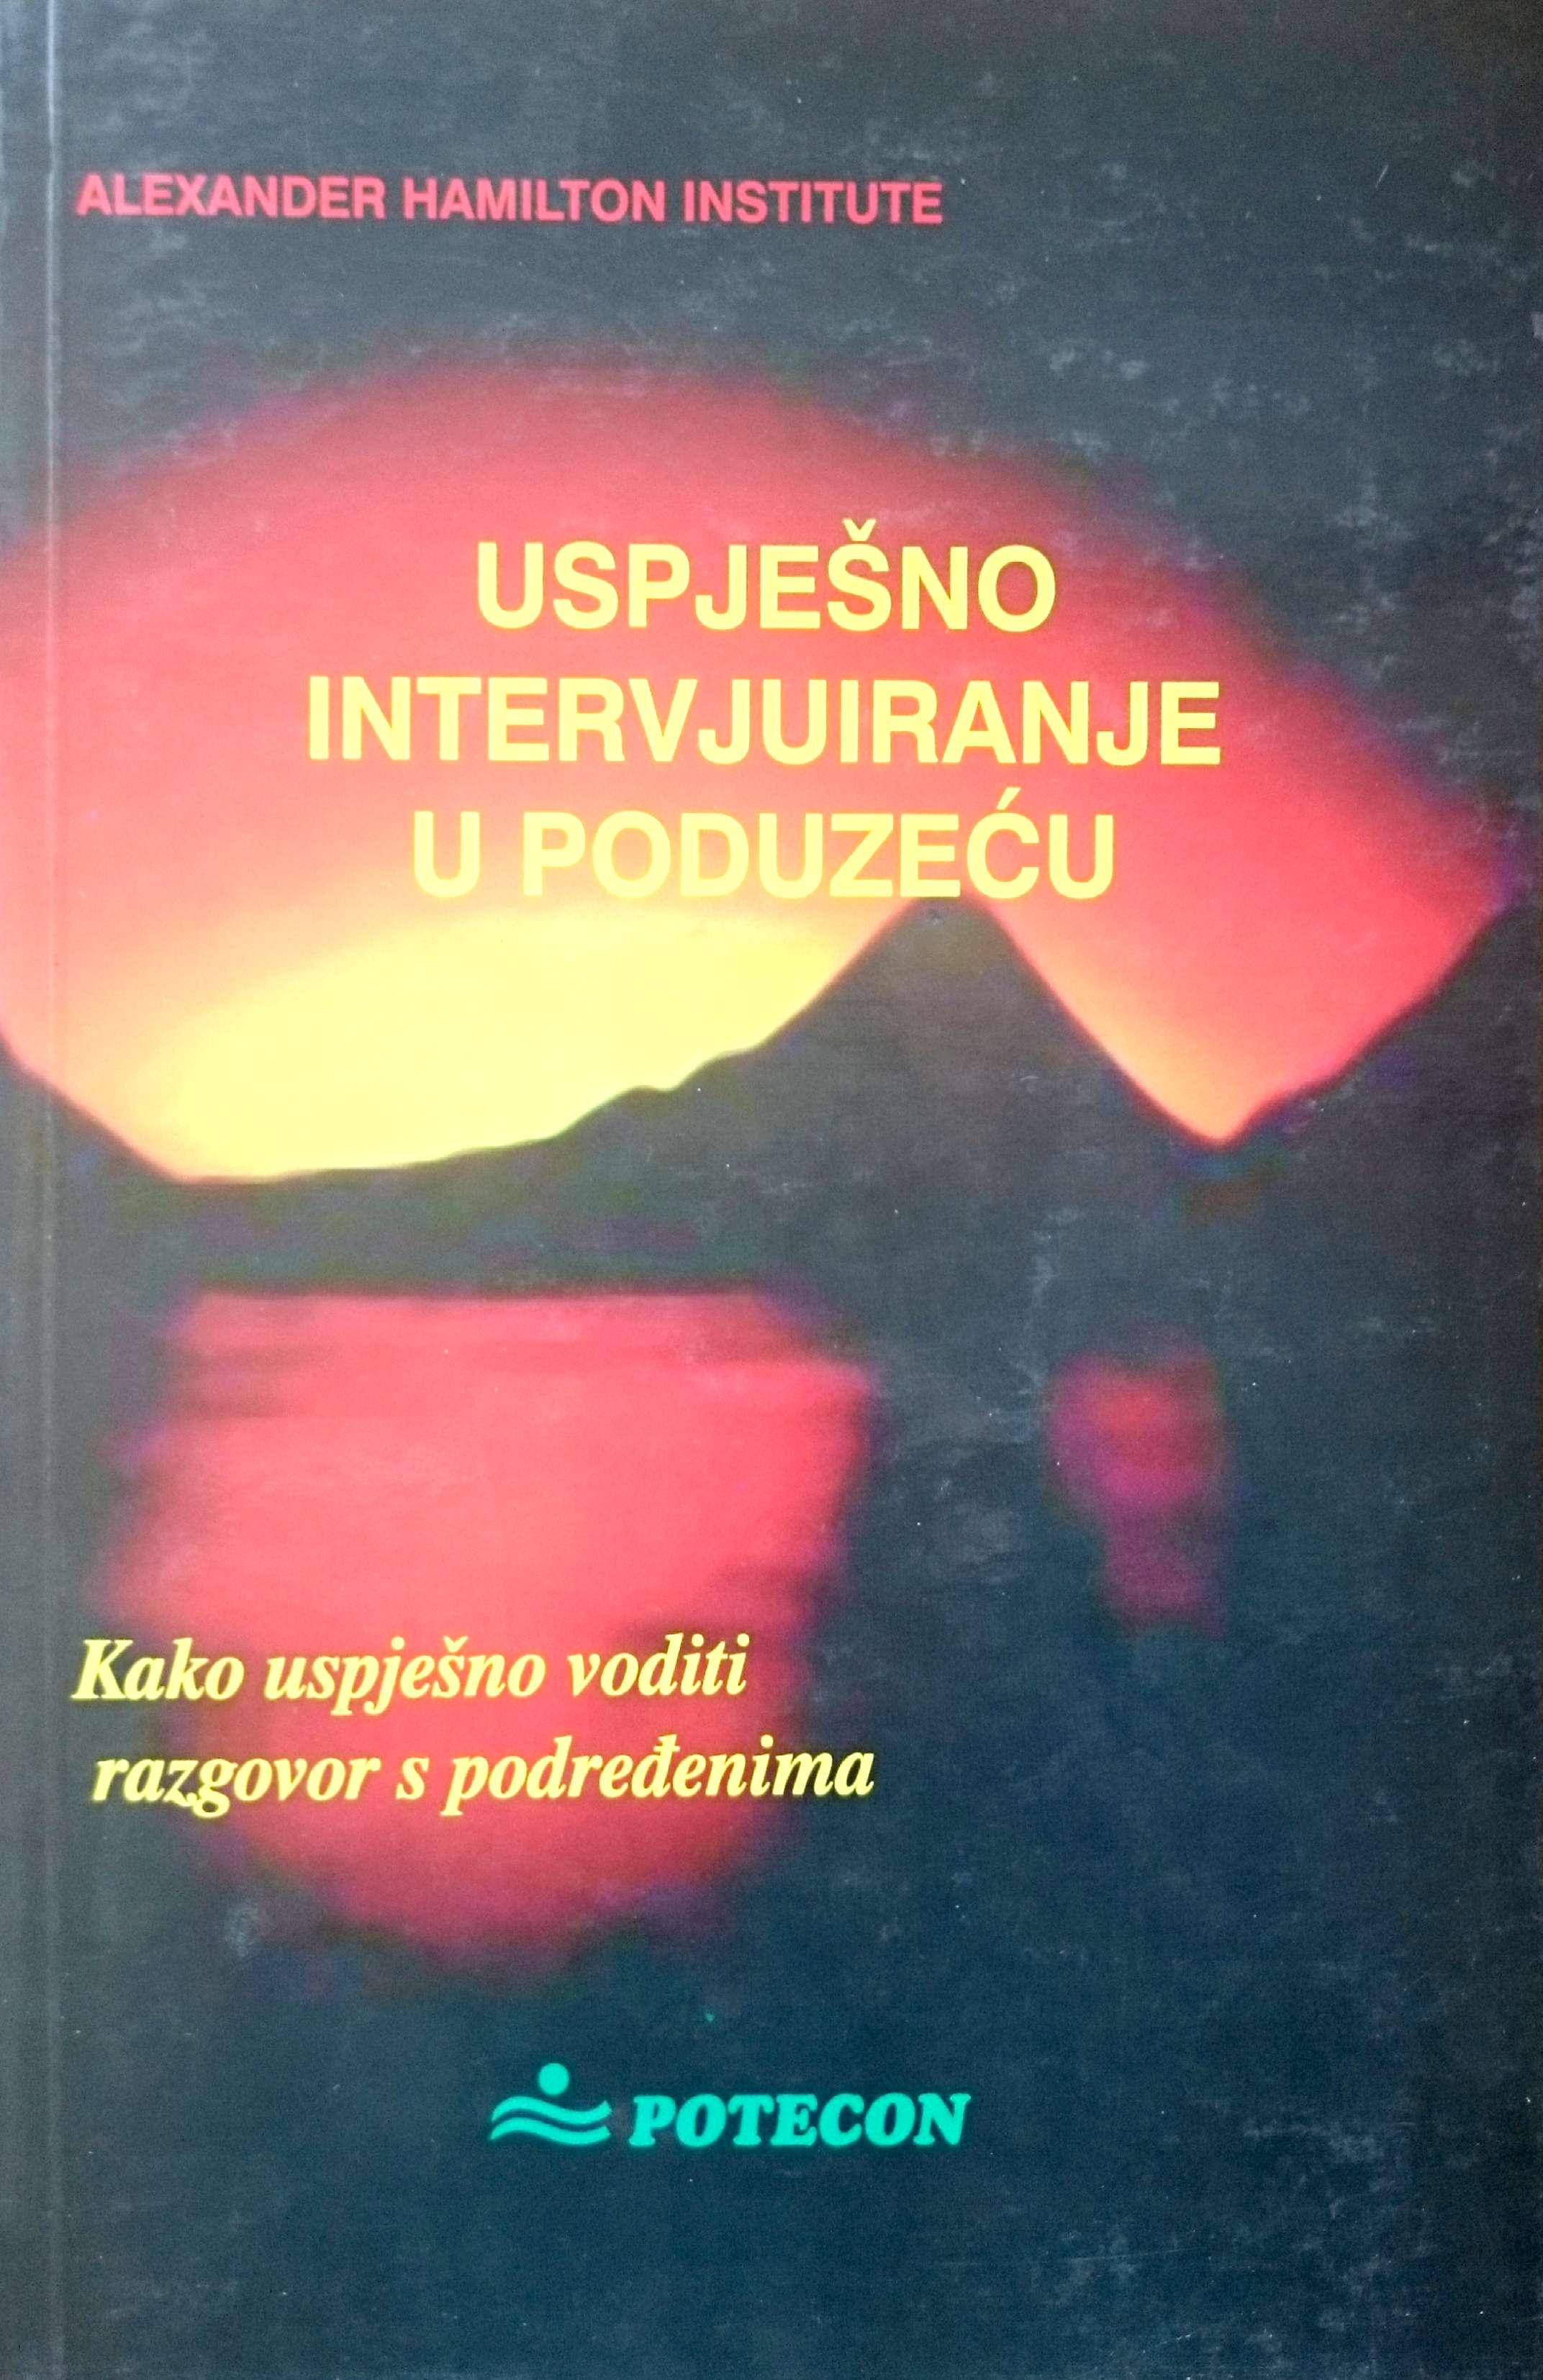 USPJEŠNO INTERVJUIRANJE U PODUZEĆU - Naruči svoju knjigu